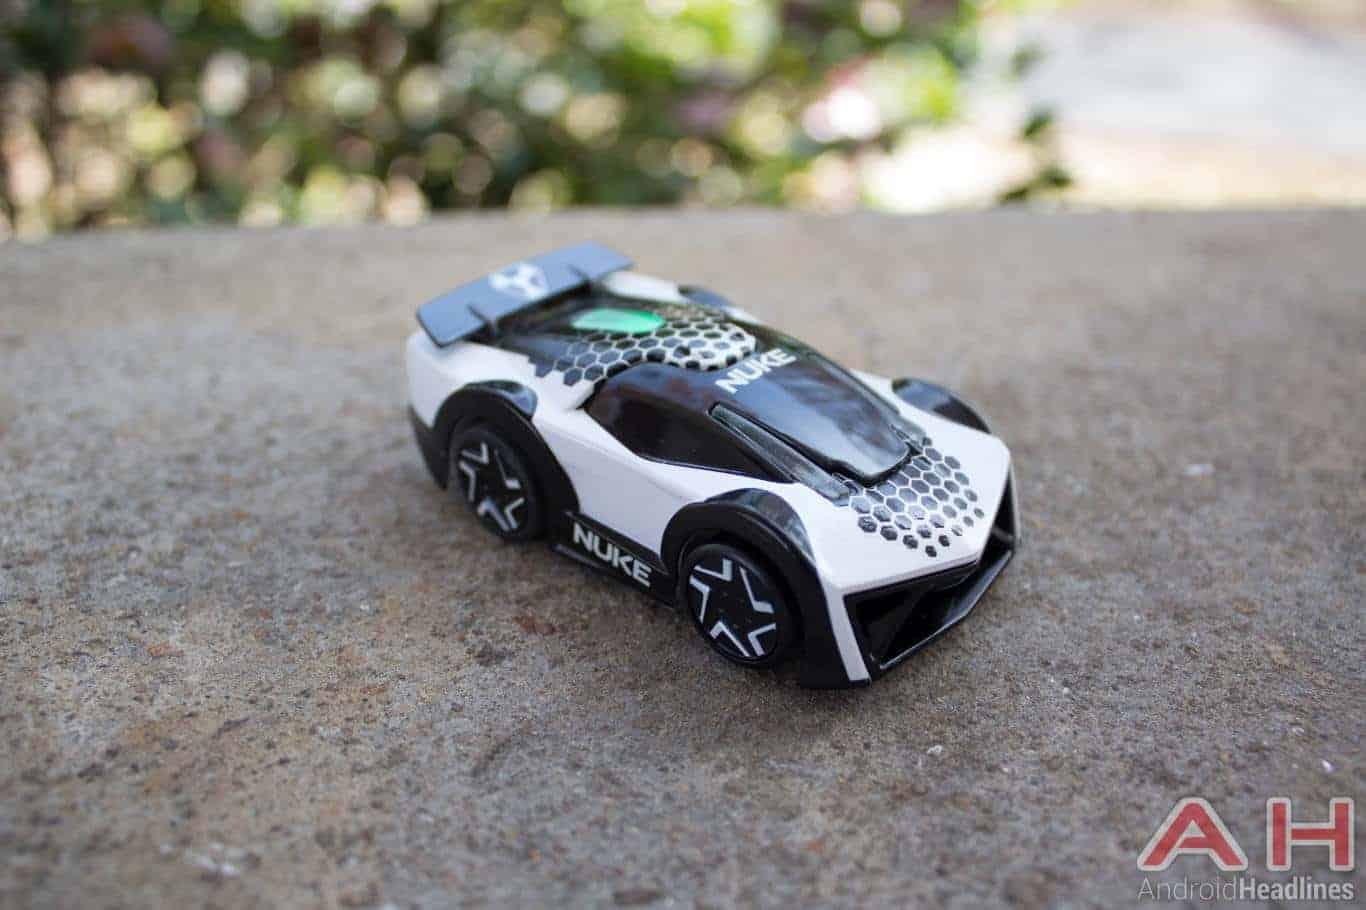 Anki Race Car Review